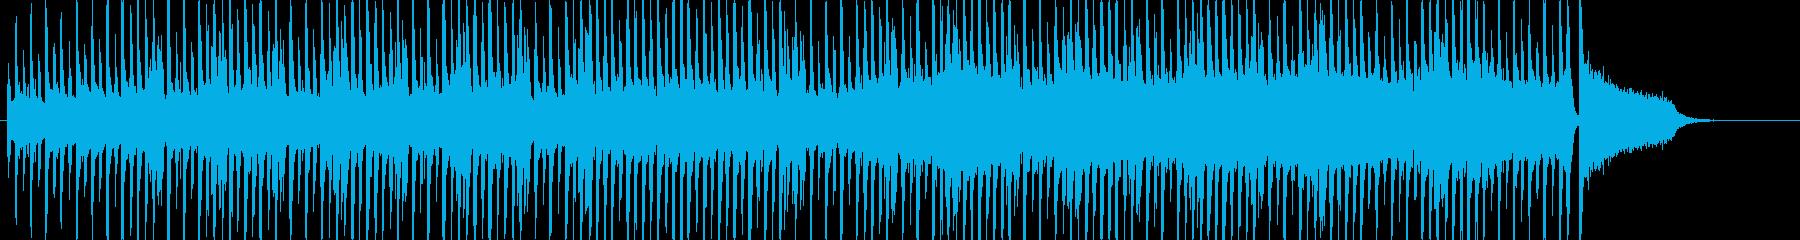 手拍子とアコギ、口笛のほのぼのBGMの再生済みの波形